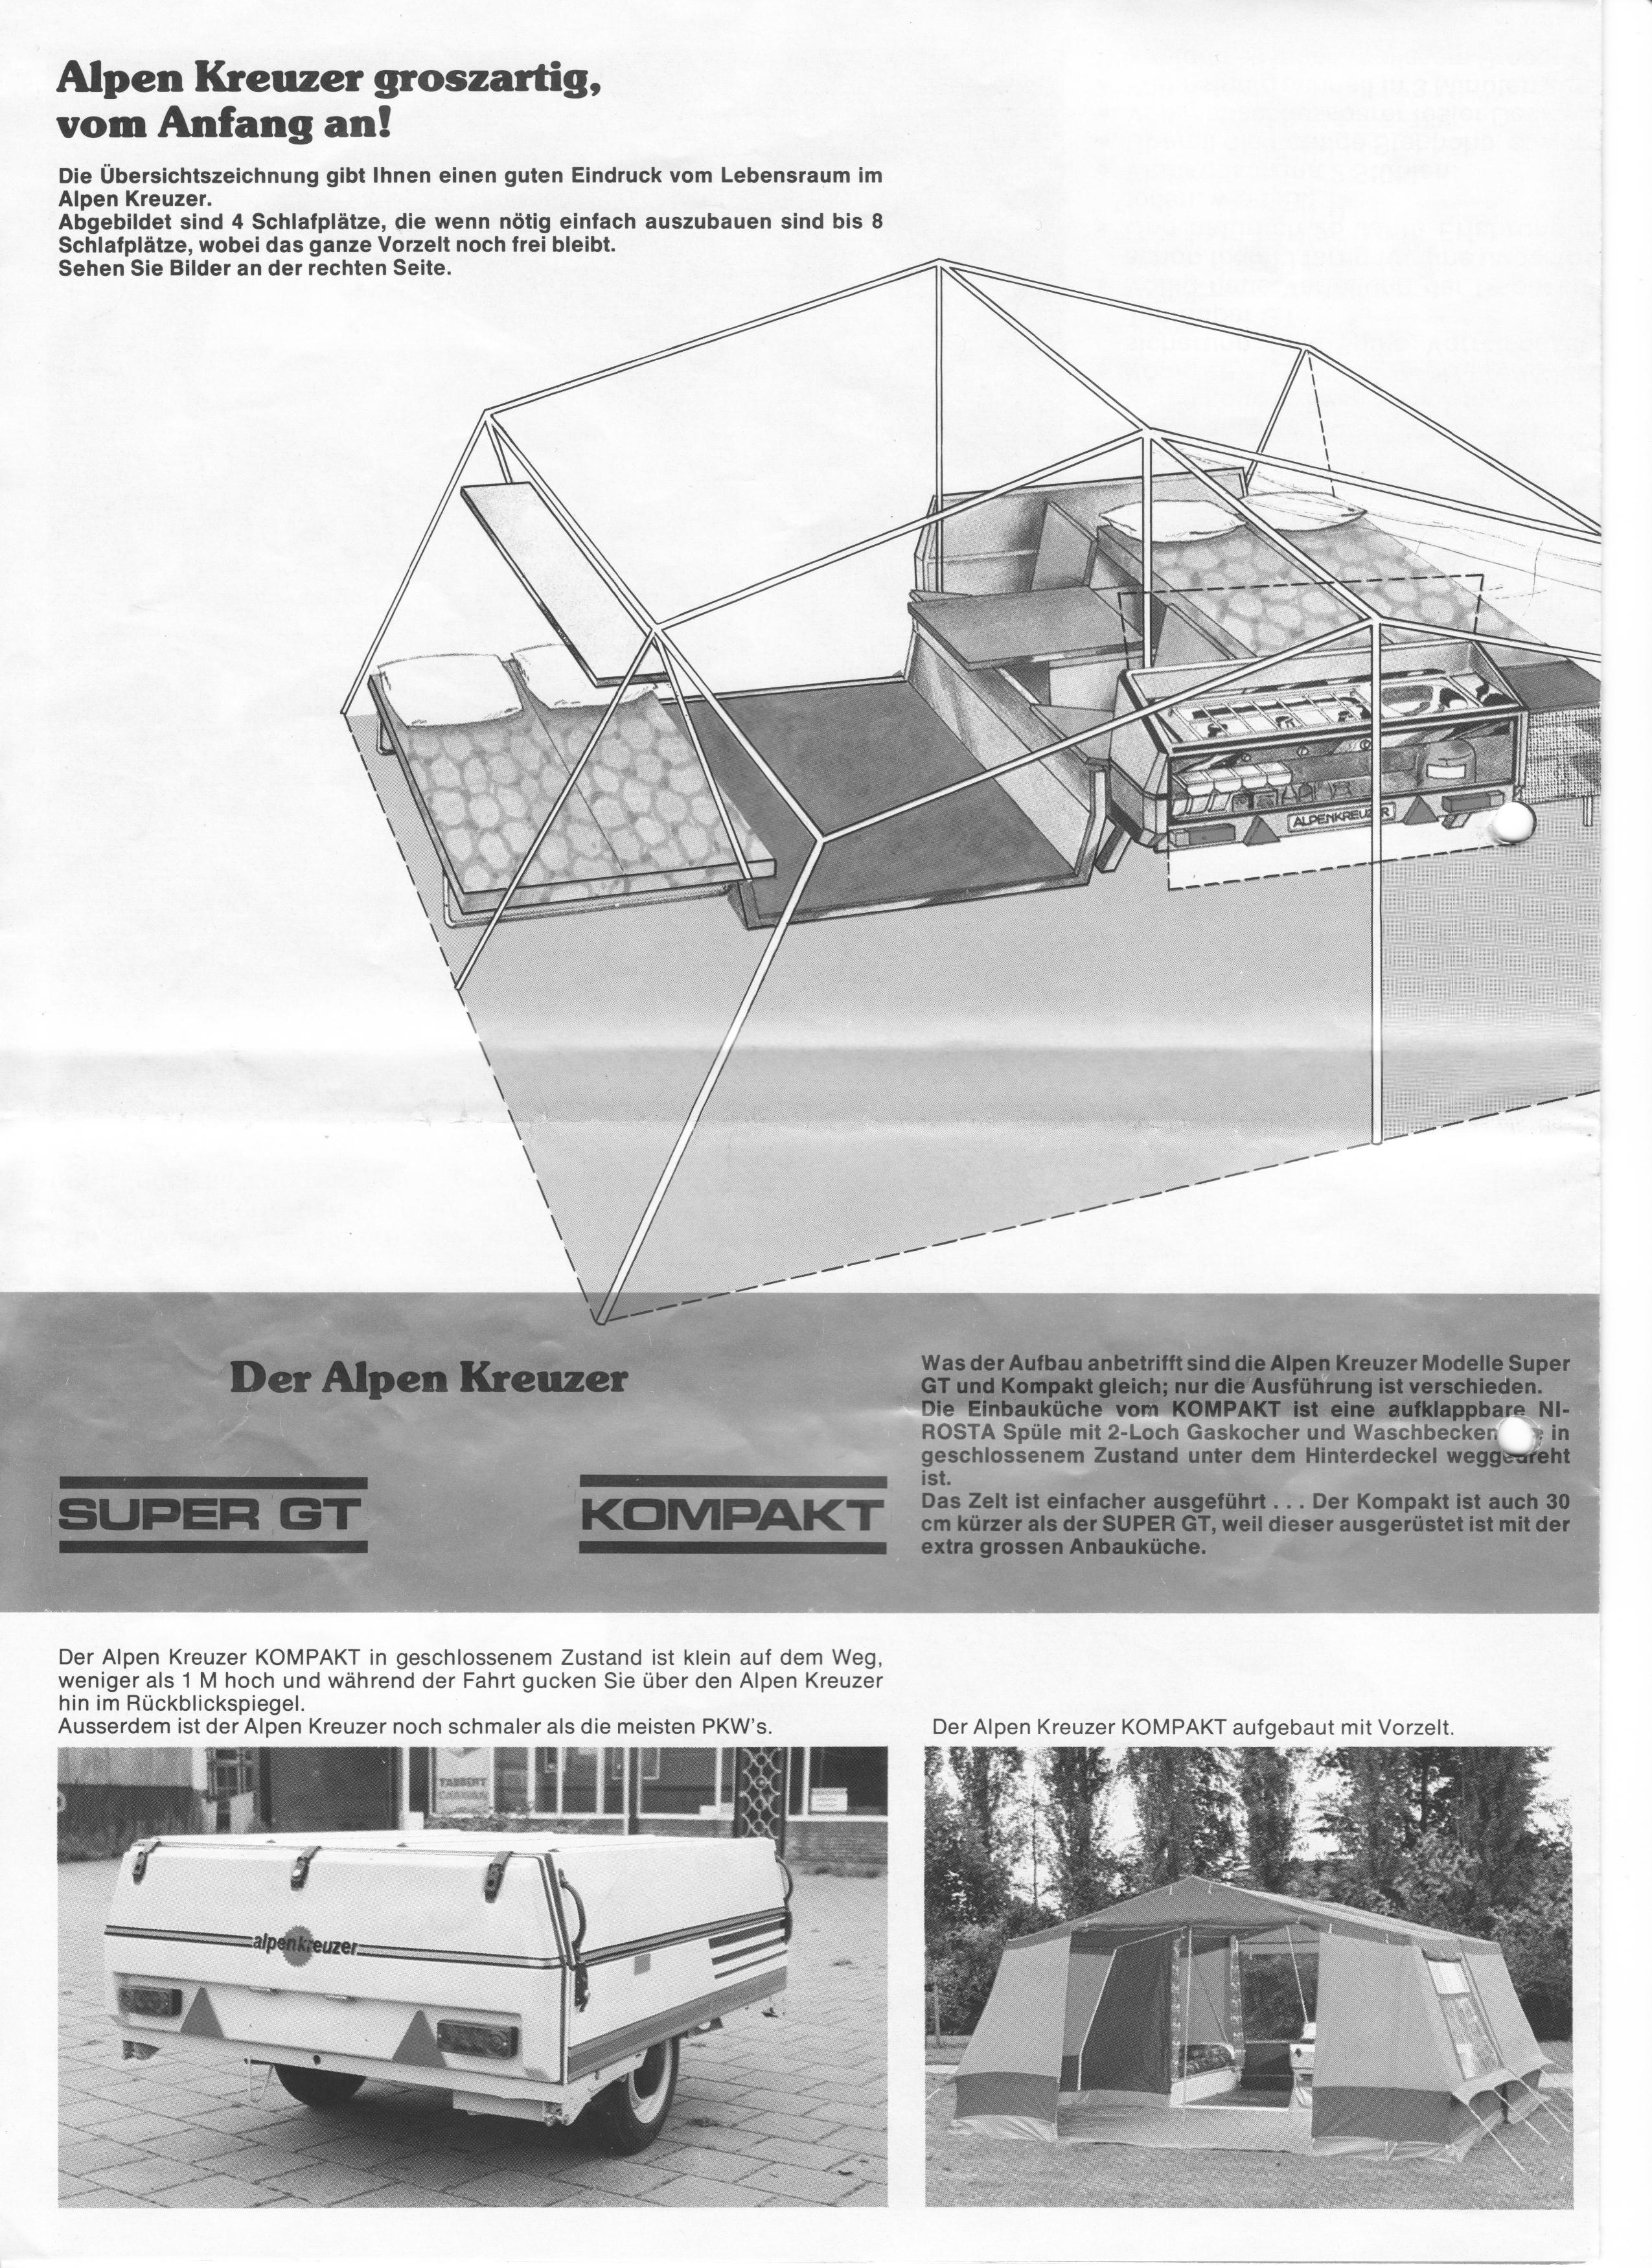 alpen-kreuzer-2-001 | camping | Pinterest | Camping